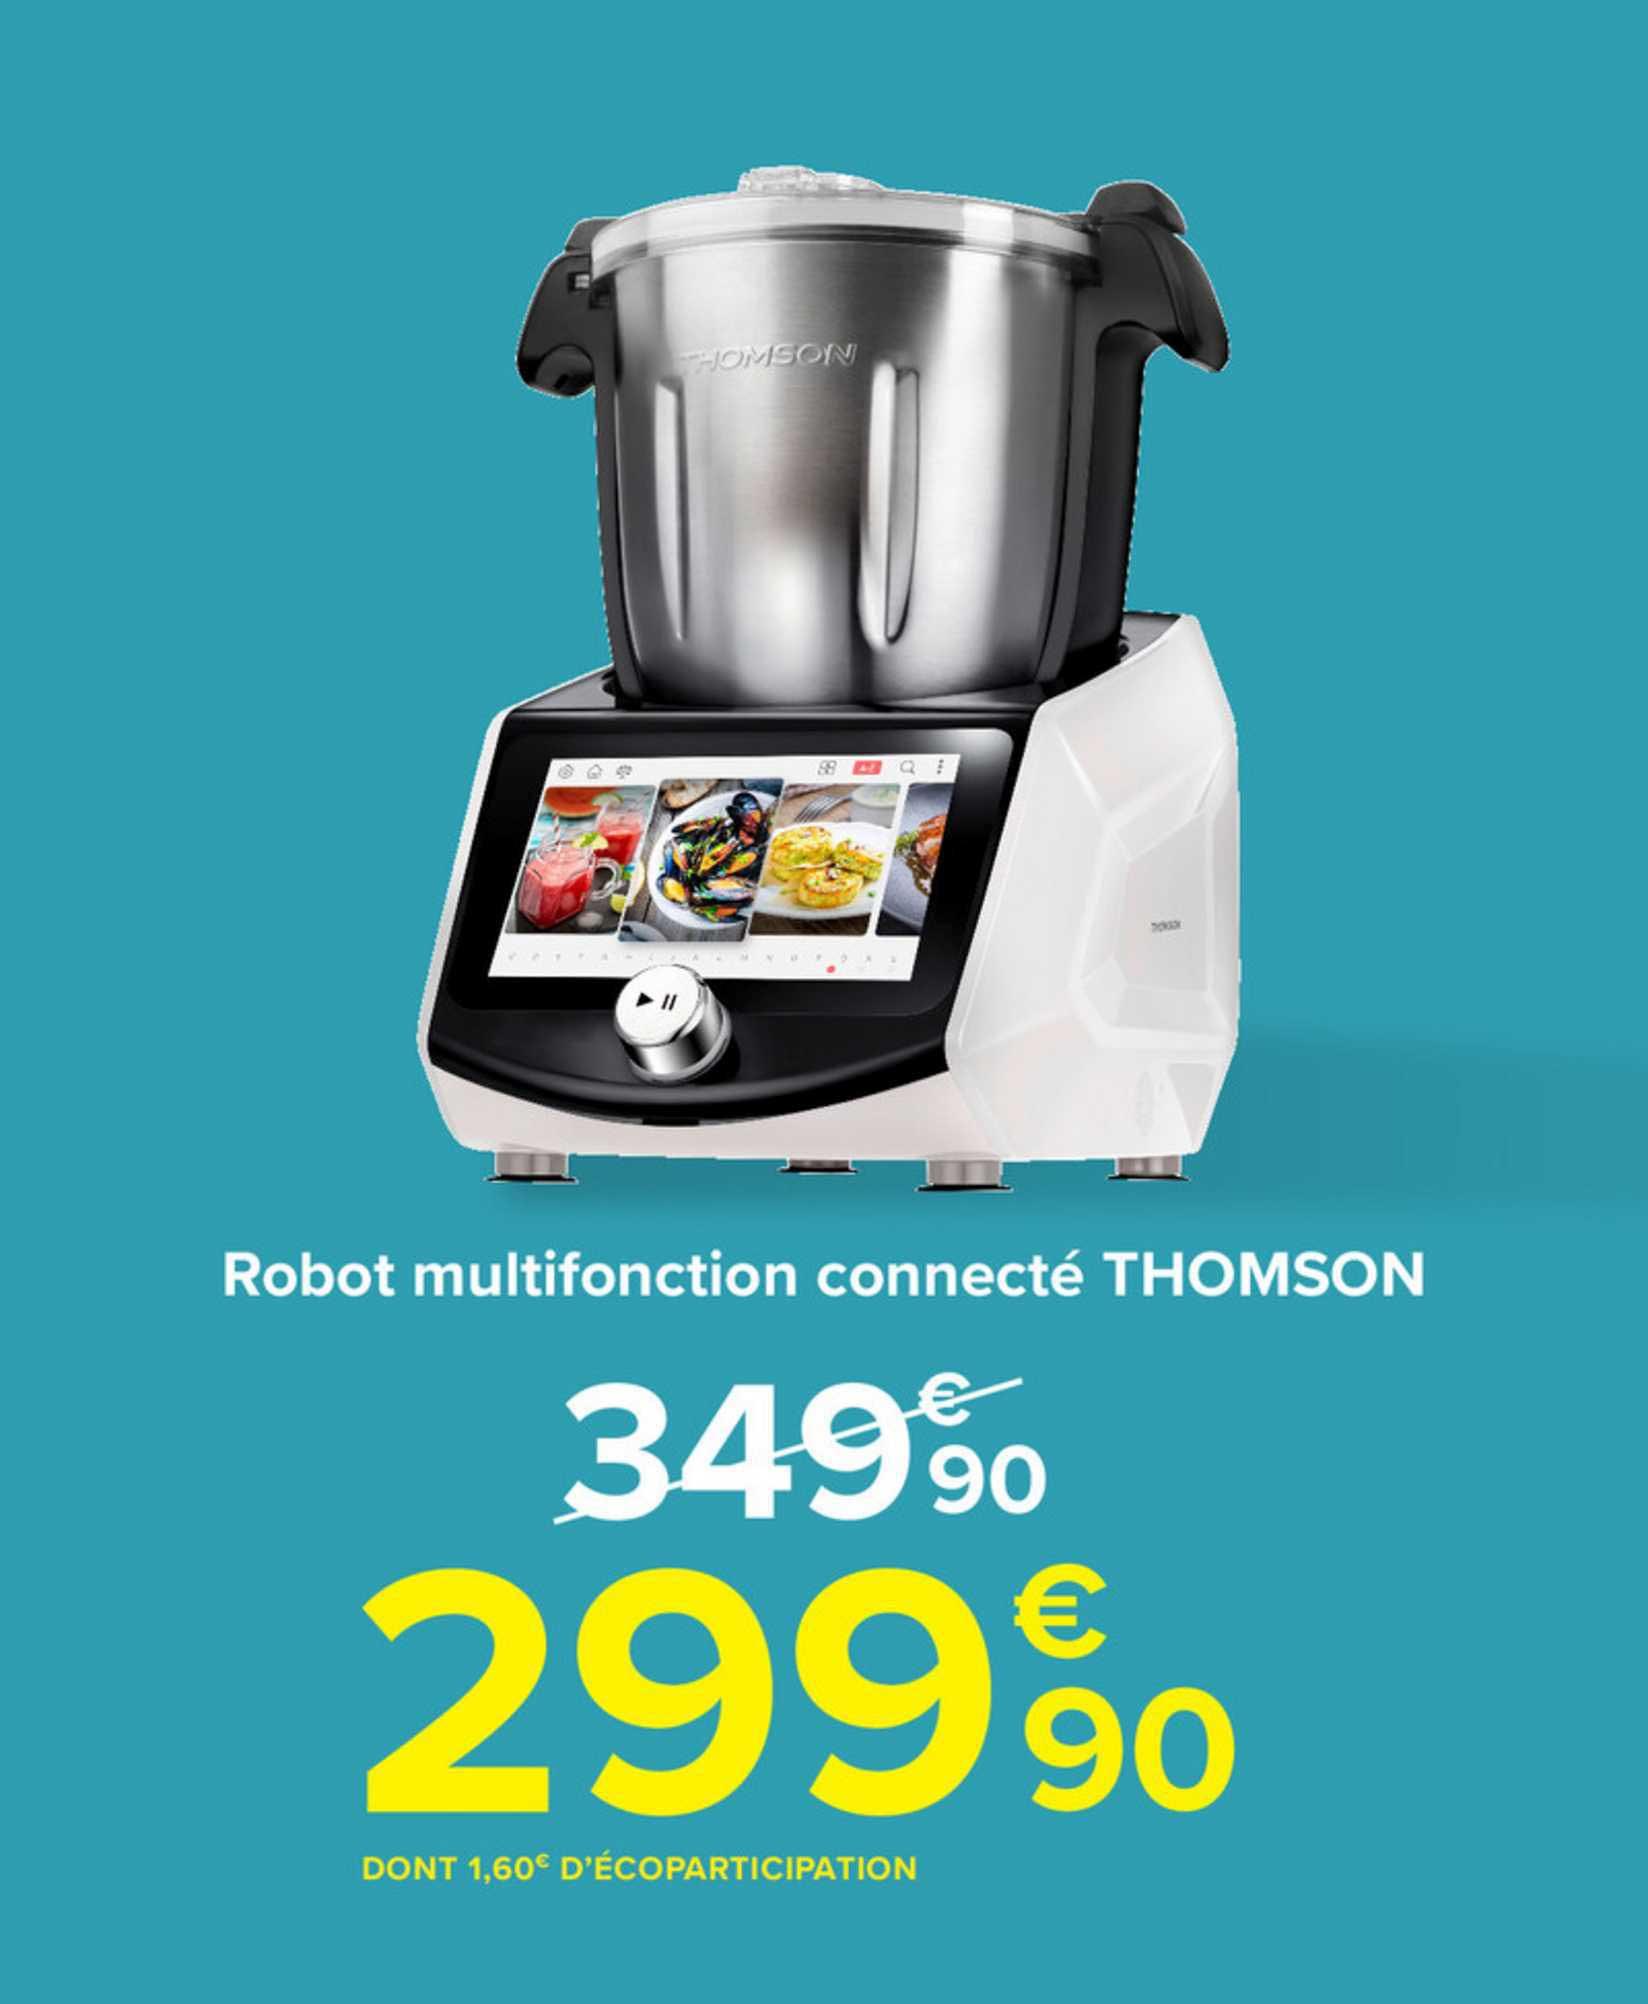 Carrefour Robot Multifoncion Connecté Thomson